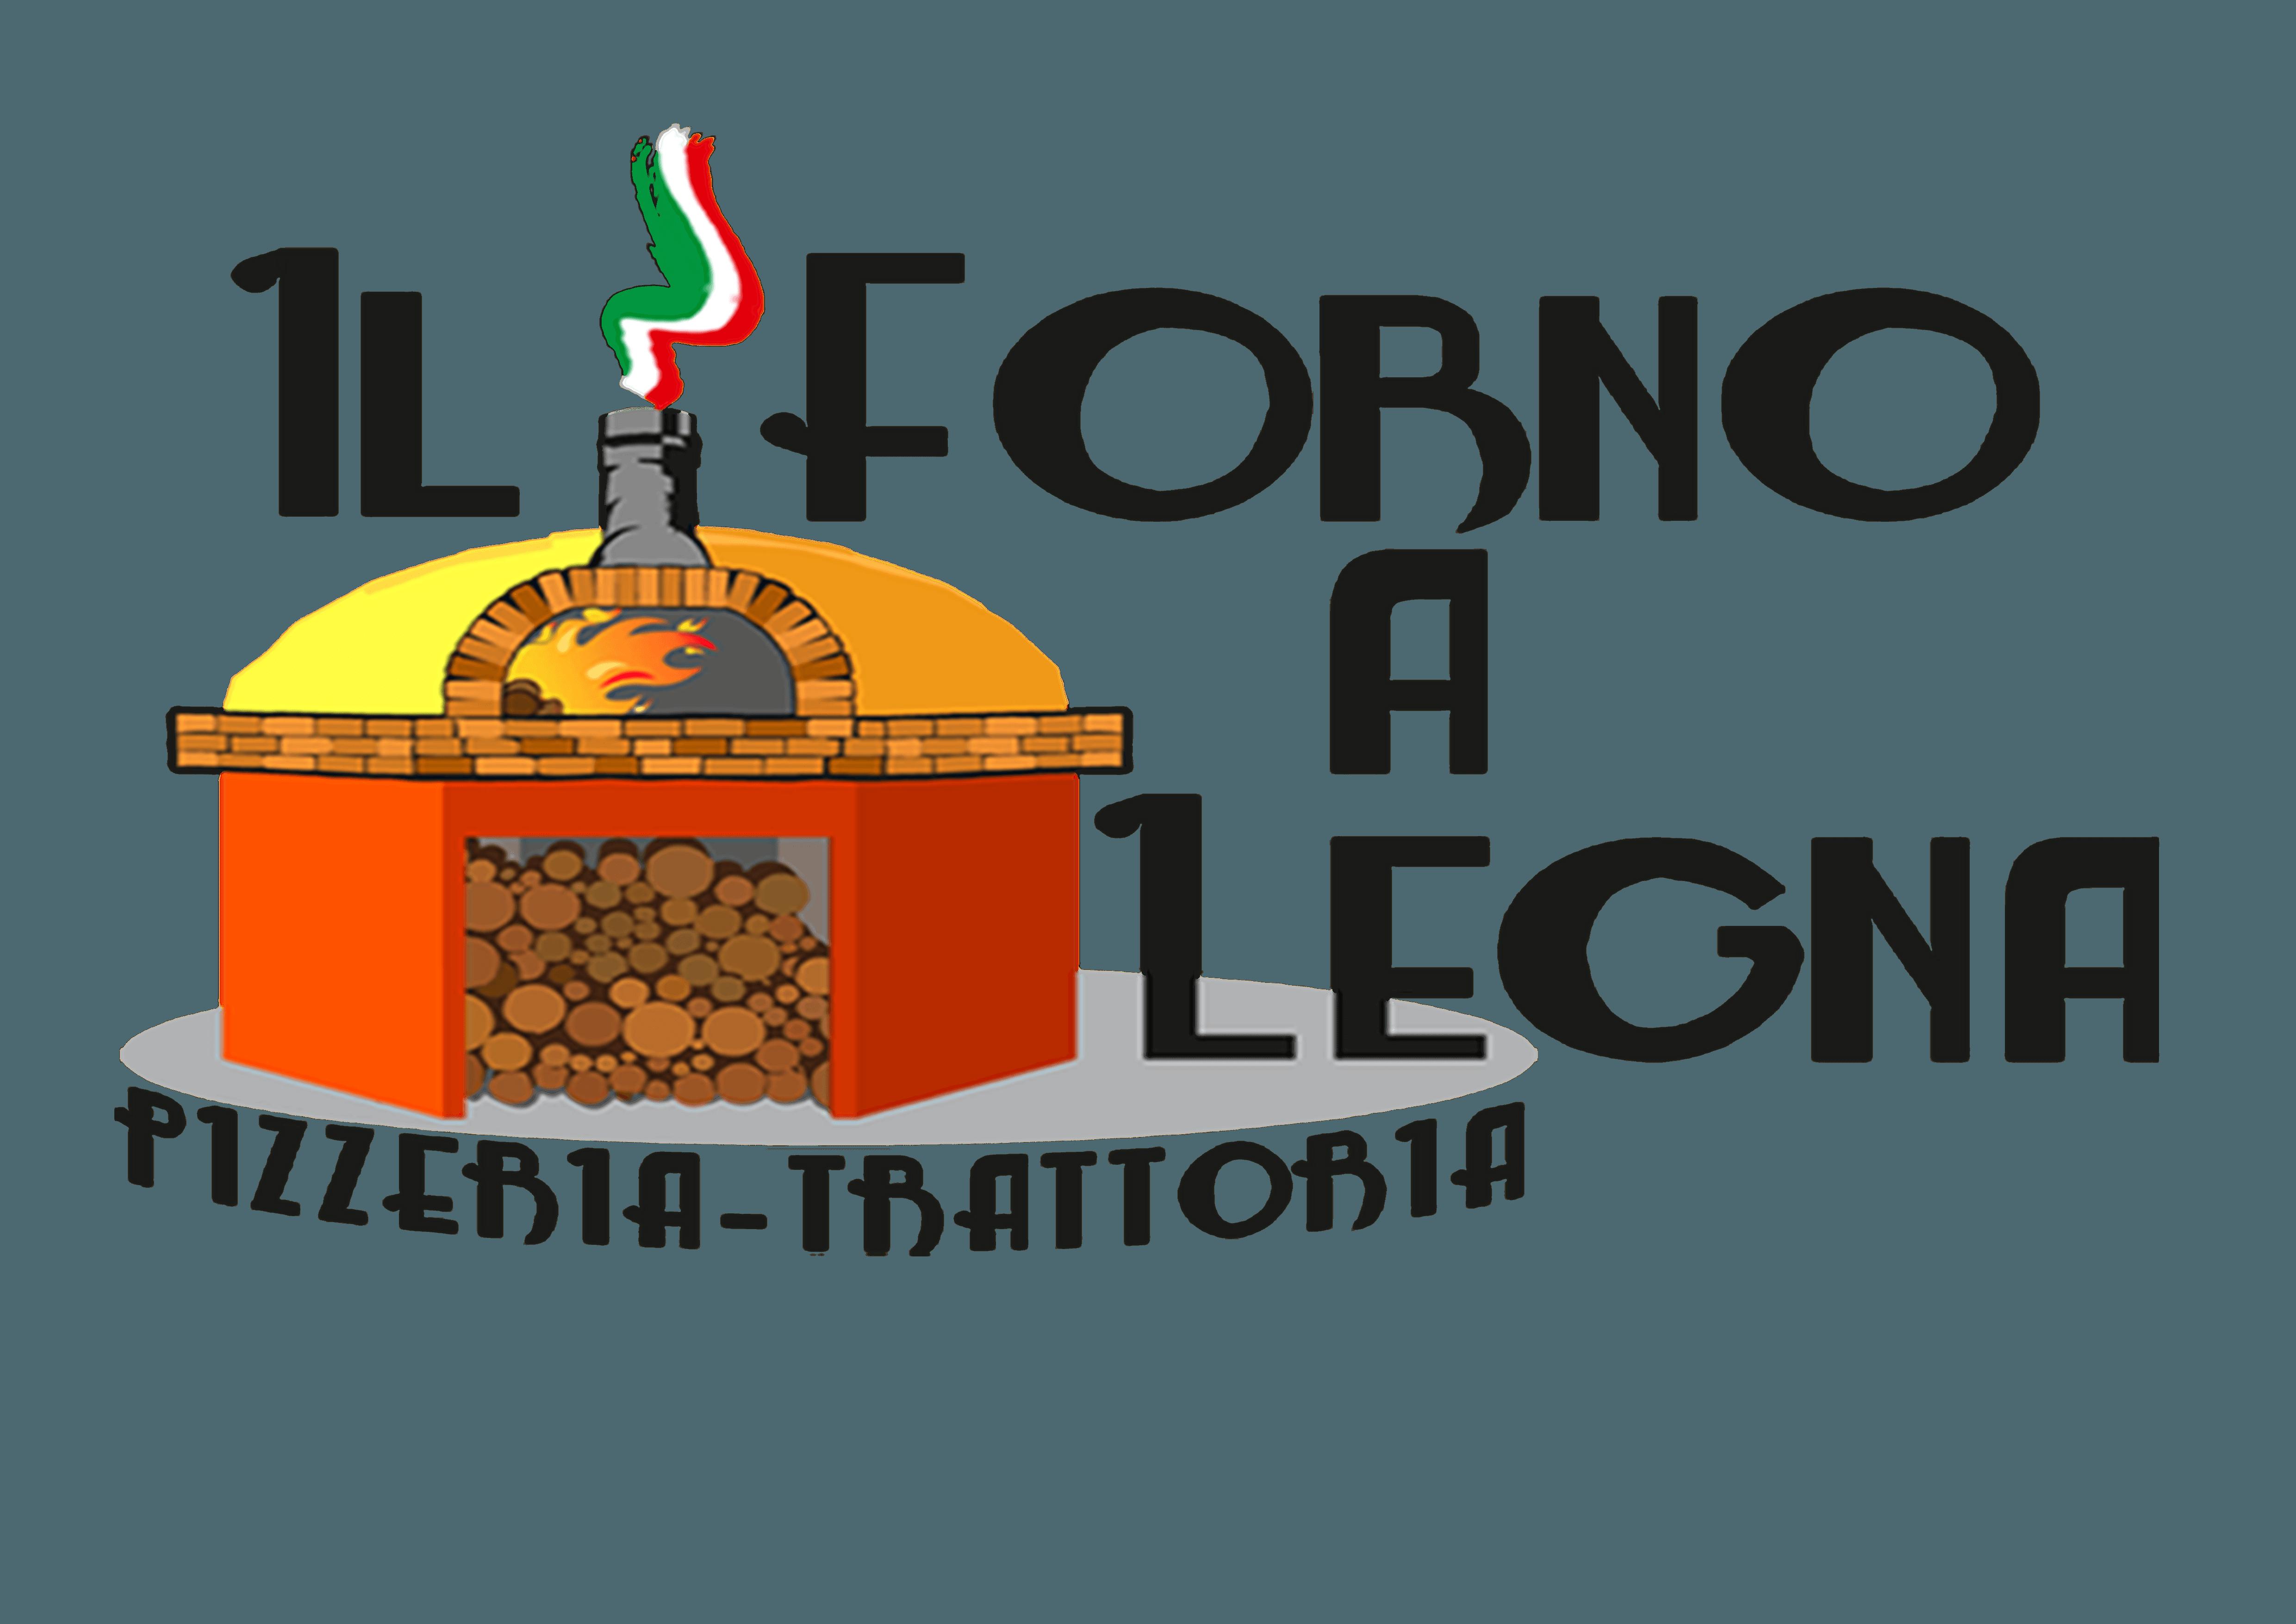 il forno a legna ronda logo